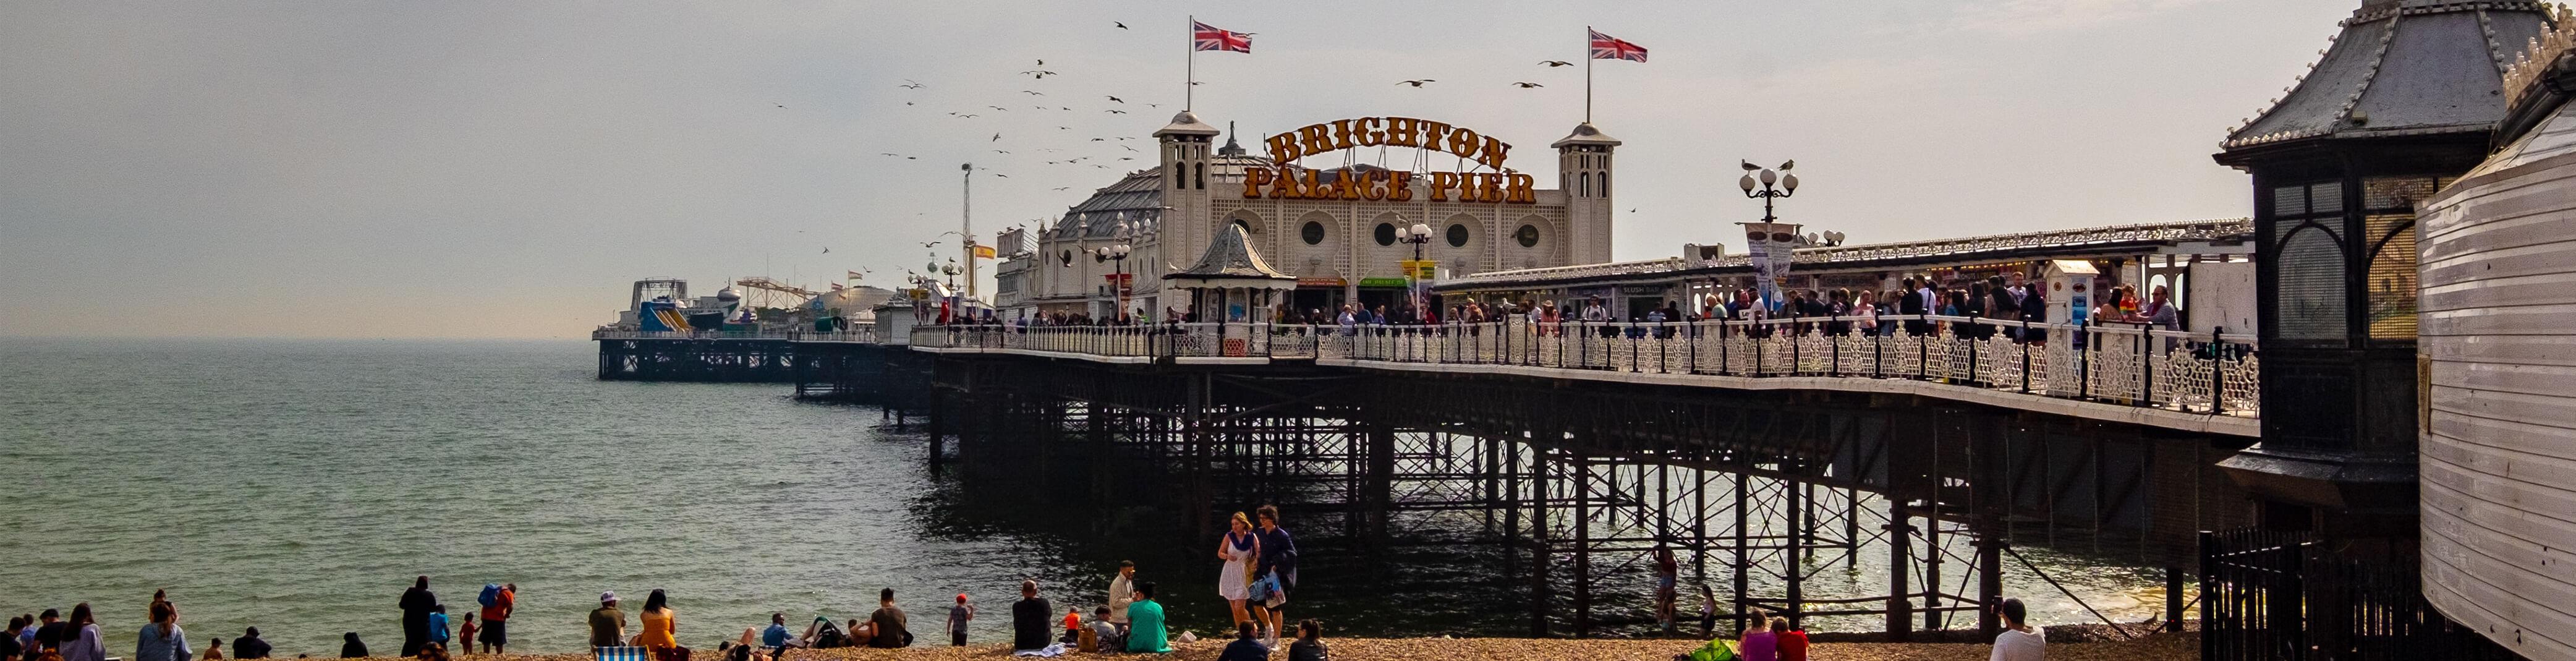 Online Training Courses In Brighton